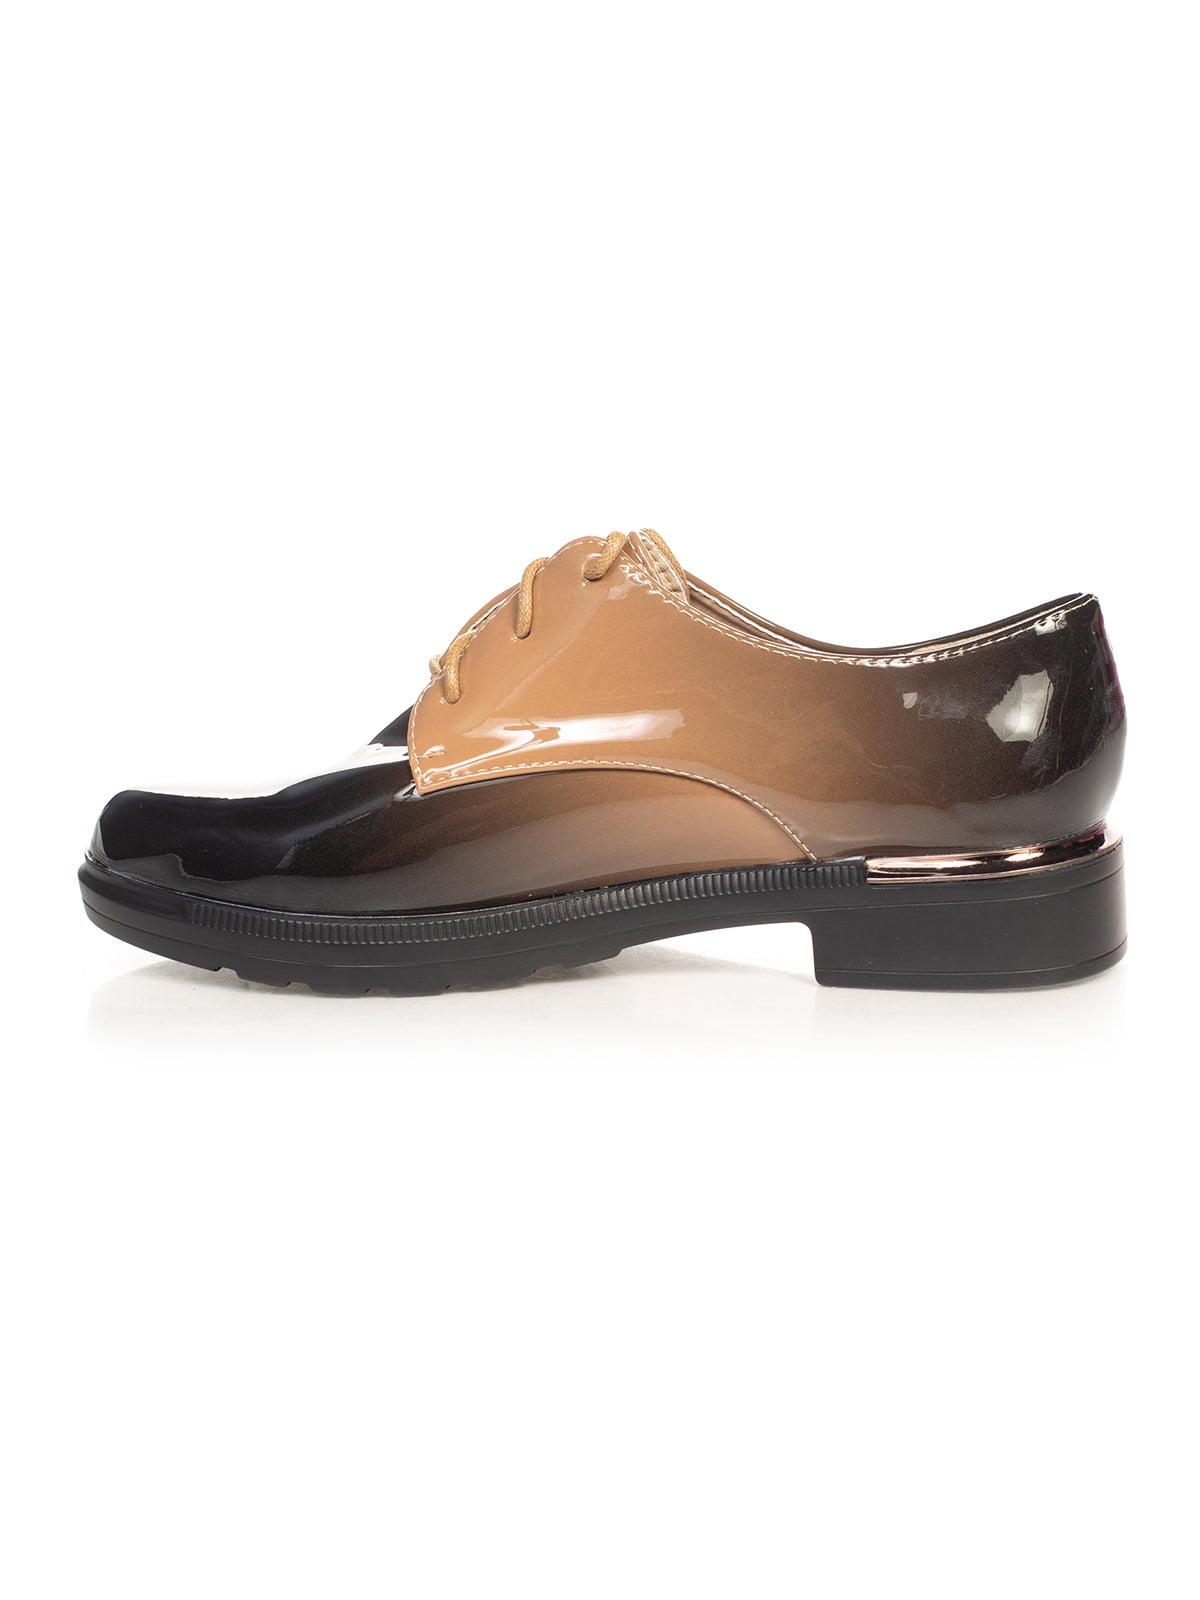 Туфли двухцветные | 4469183 | фото 2